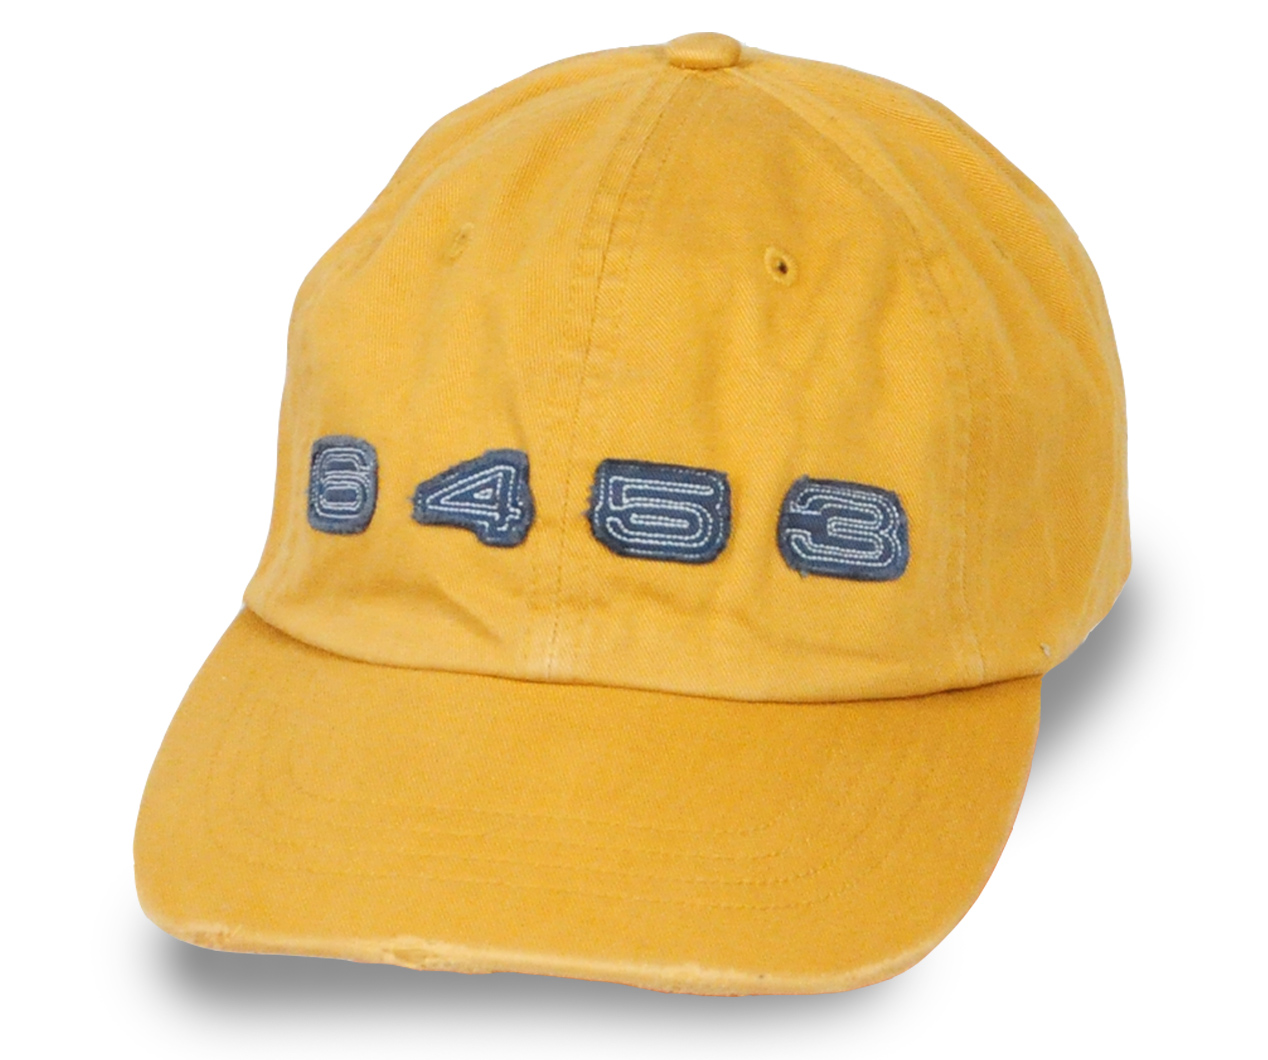 Состаренная желтая бейсболка - купить недорого